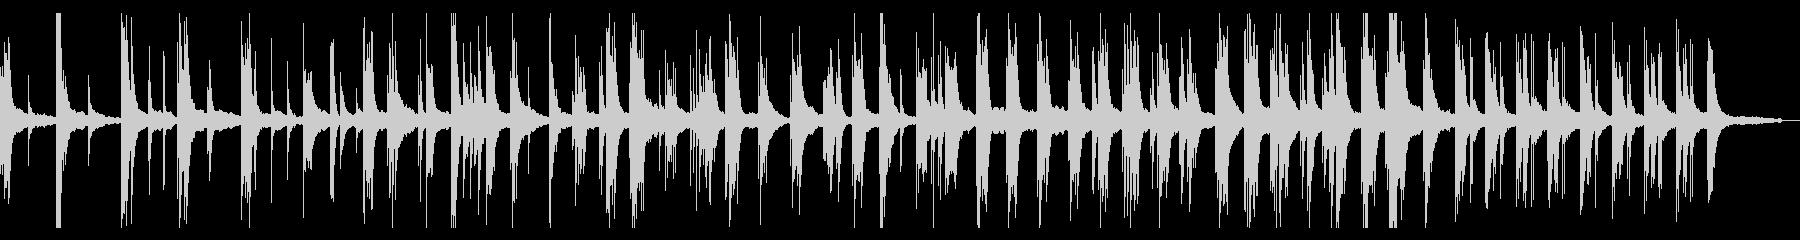 訥々と紡がれる静かな即興ピアノソロの未再生の波形